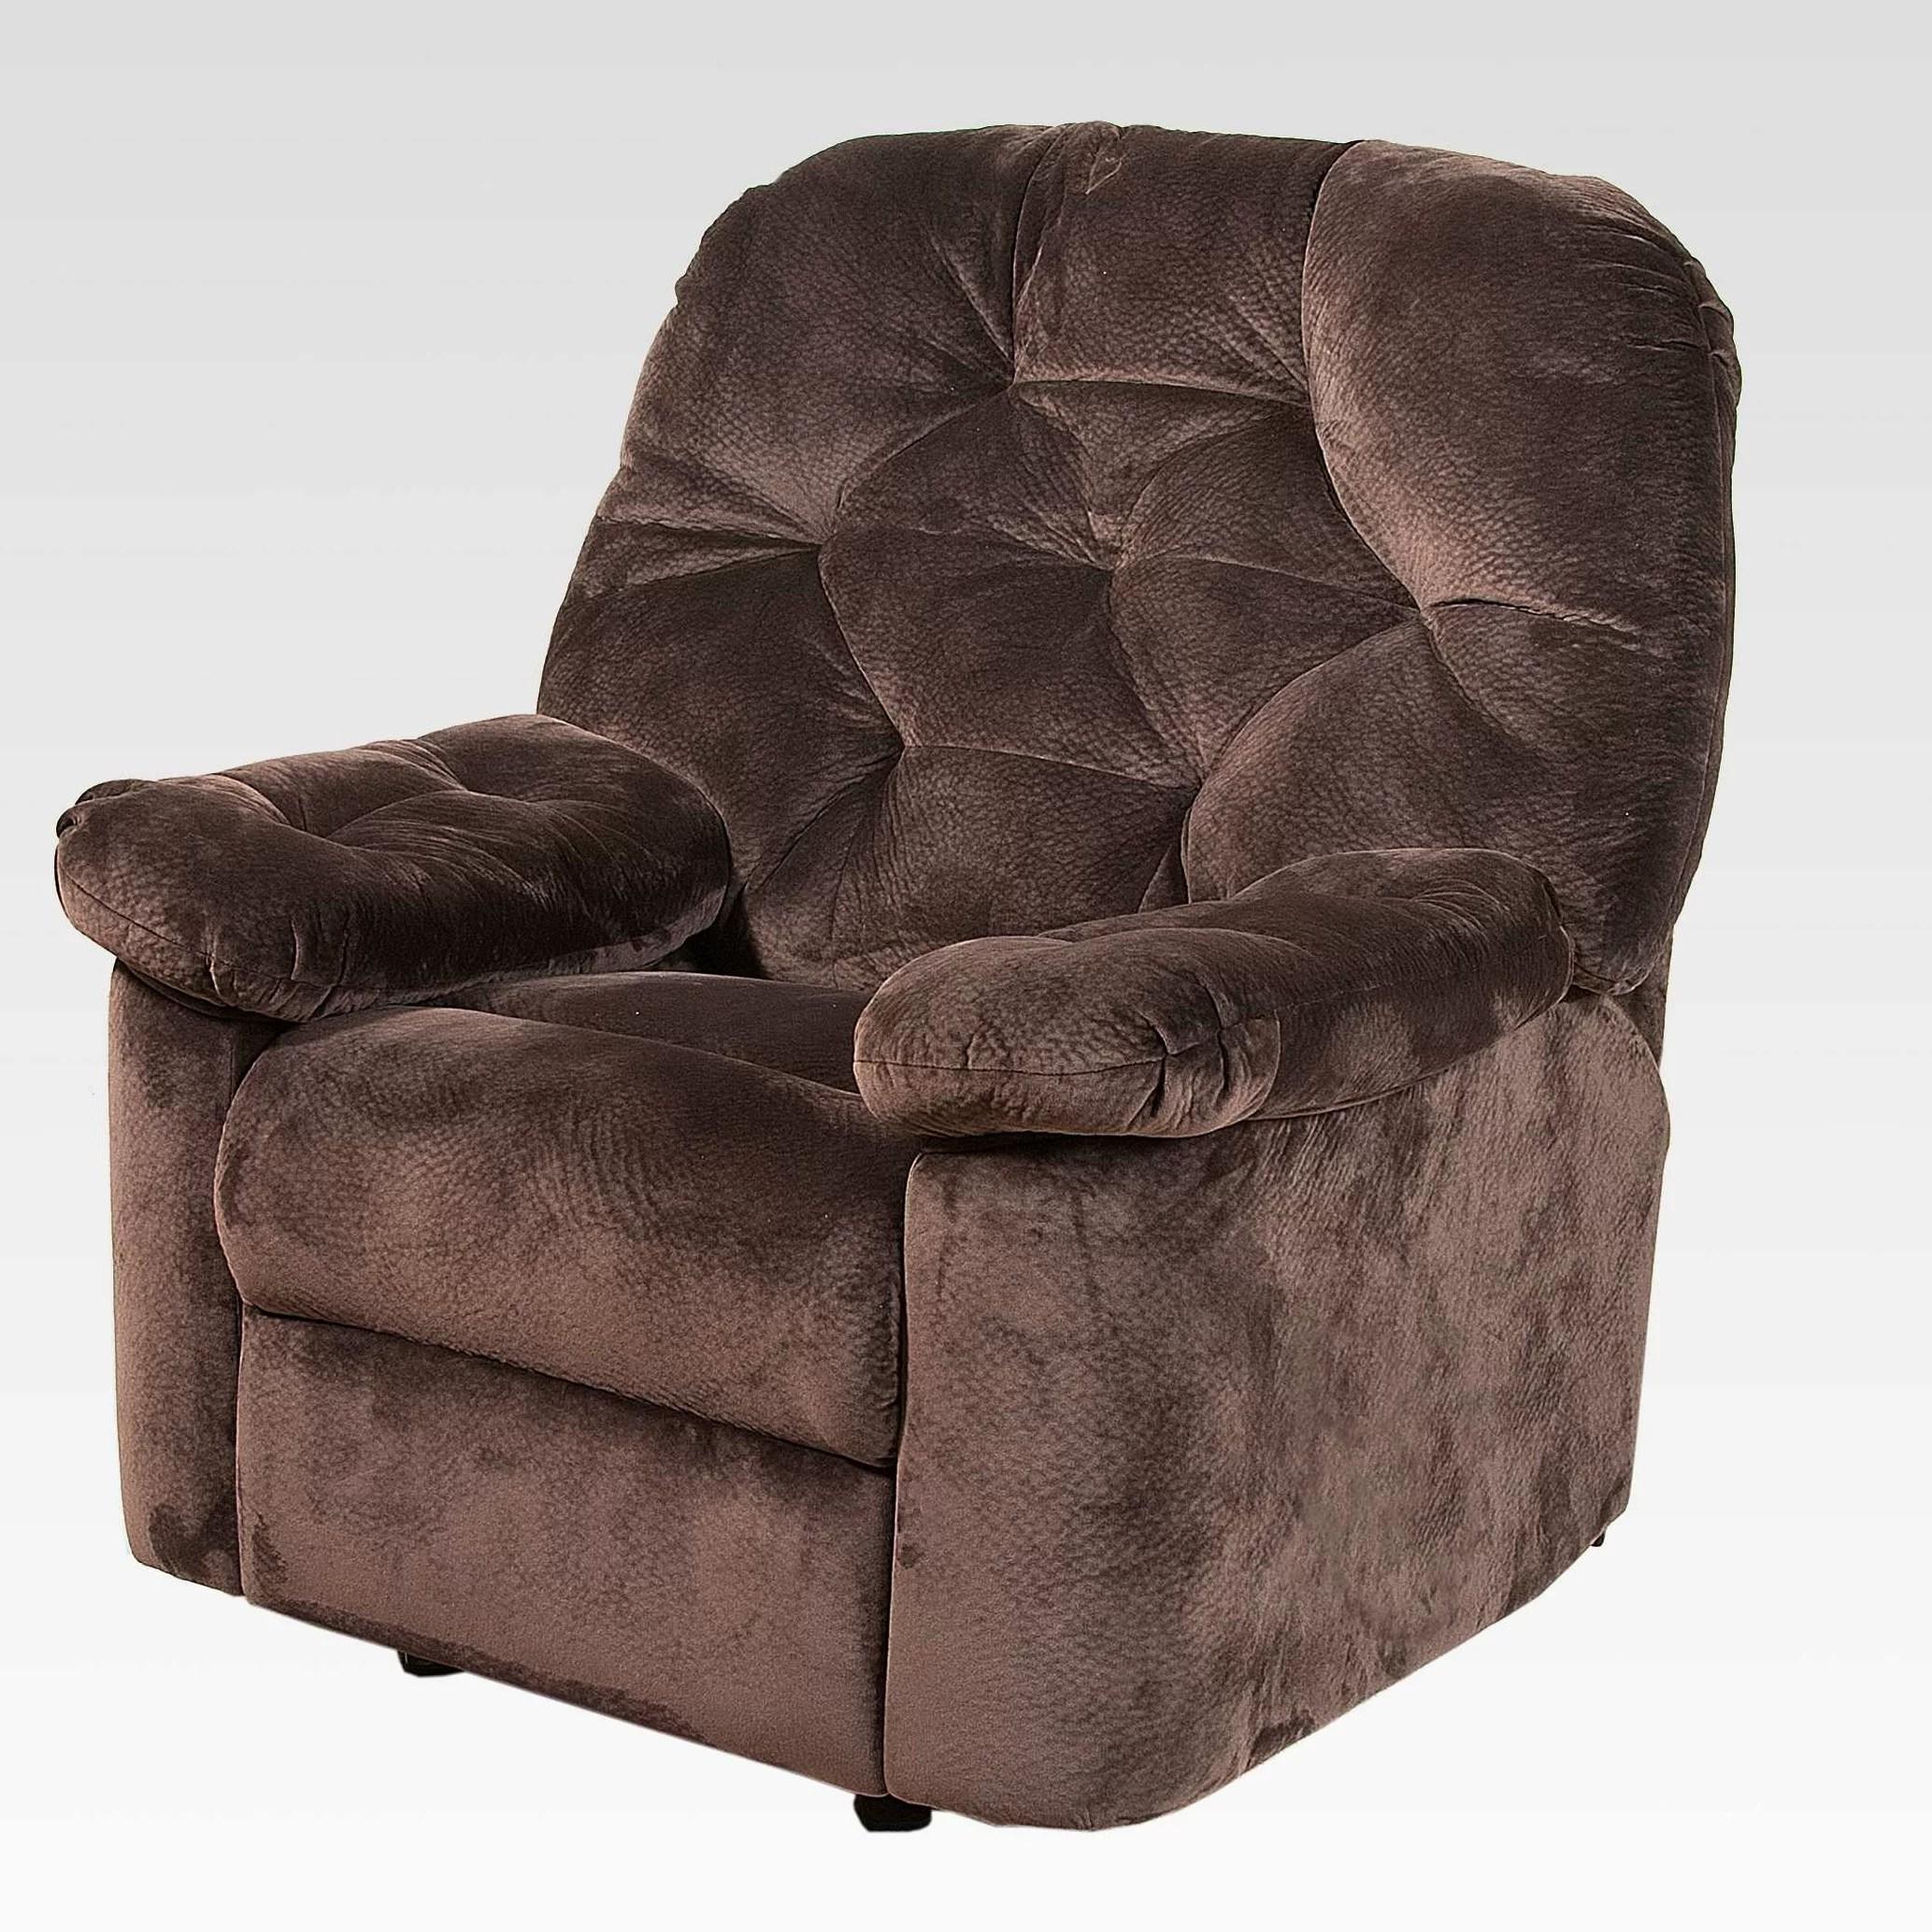 Serta Upholstery Recliner  Reviews  Wayfair